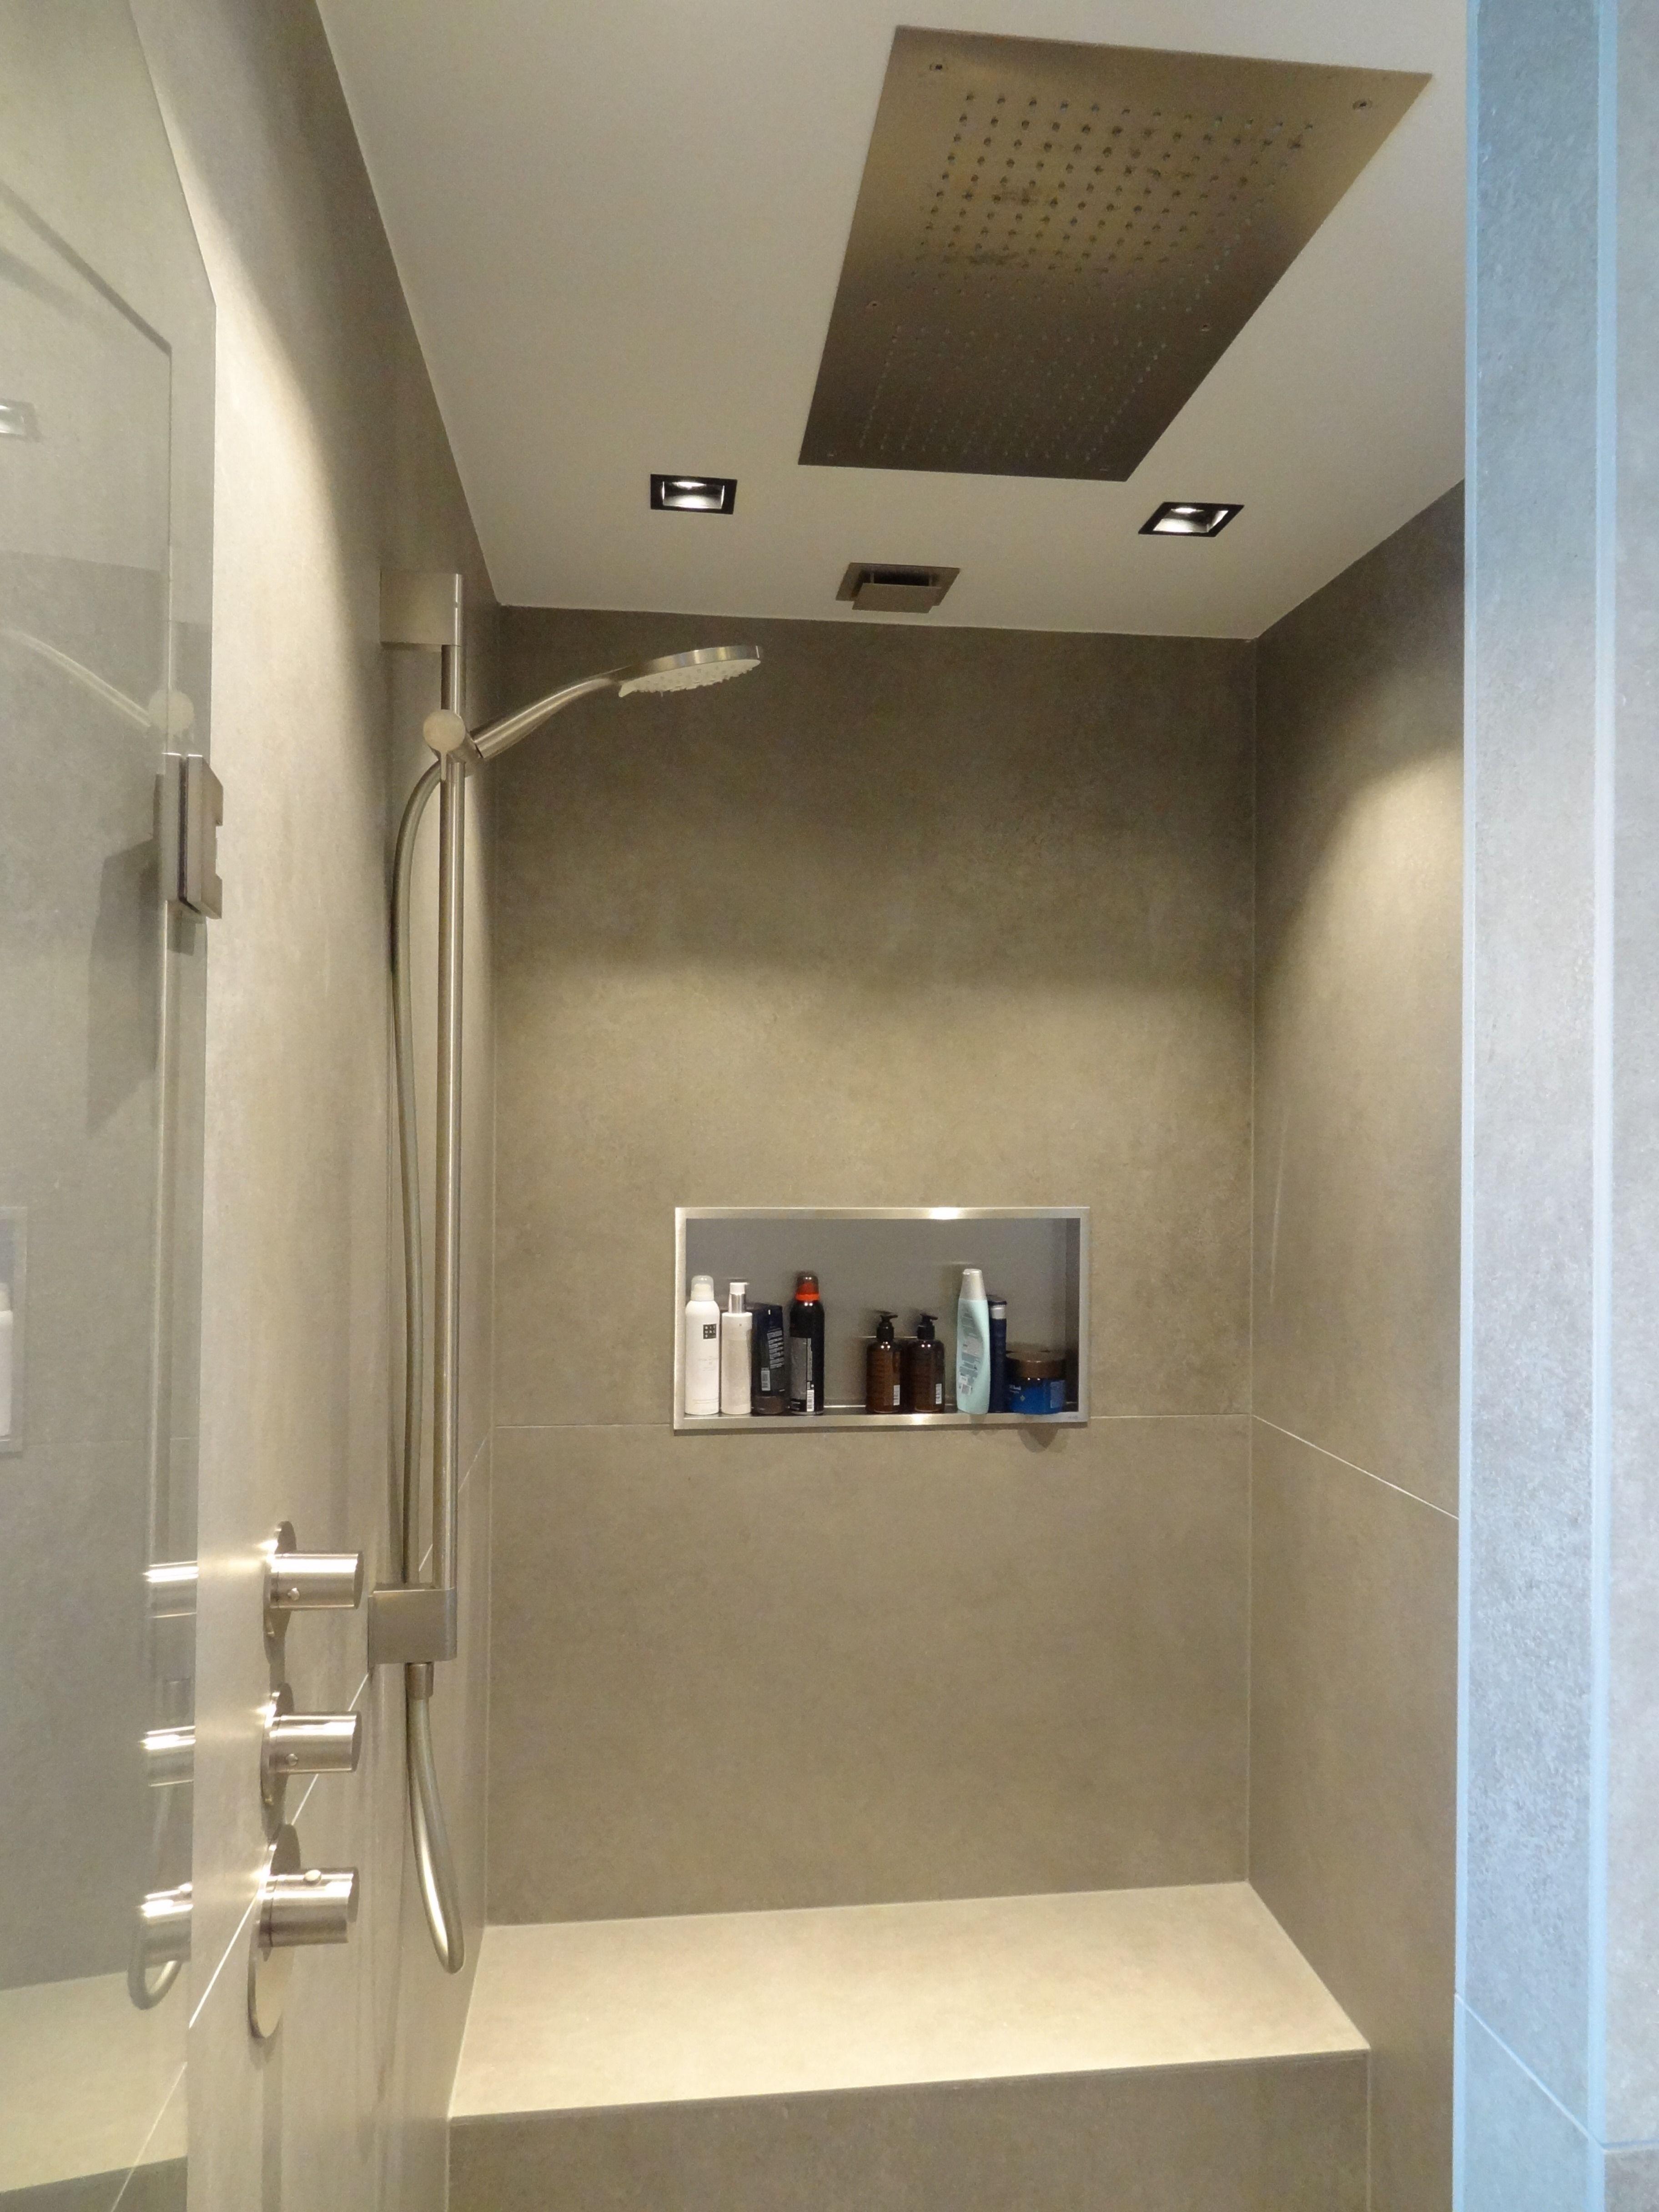 Wonderbaarlijk Ruime douche met regendouche uit het plafond (met afbeeldingen RQ-41